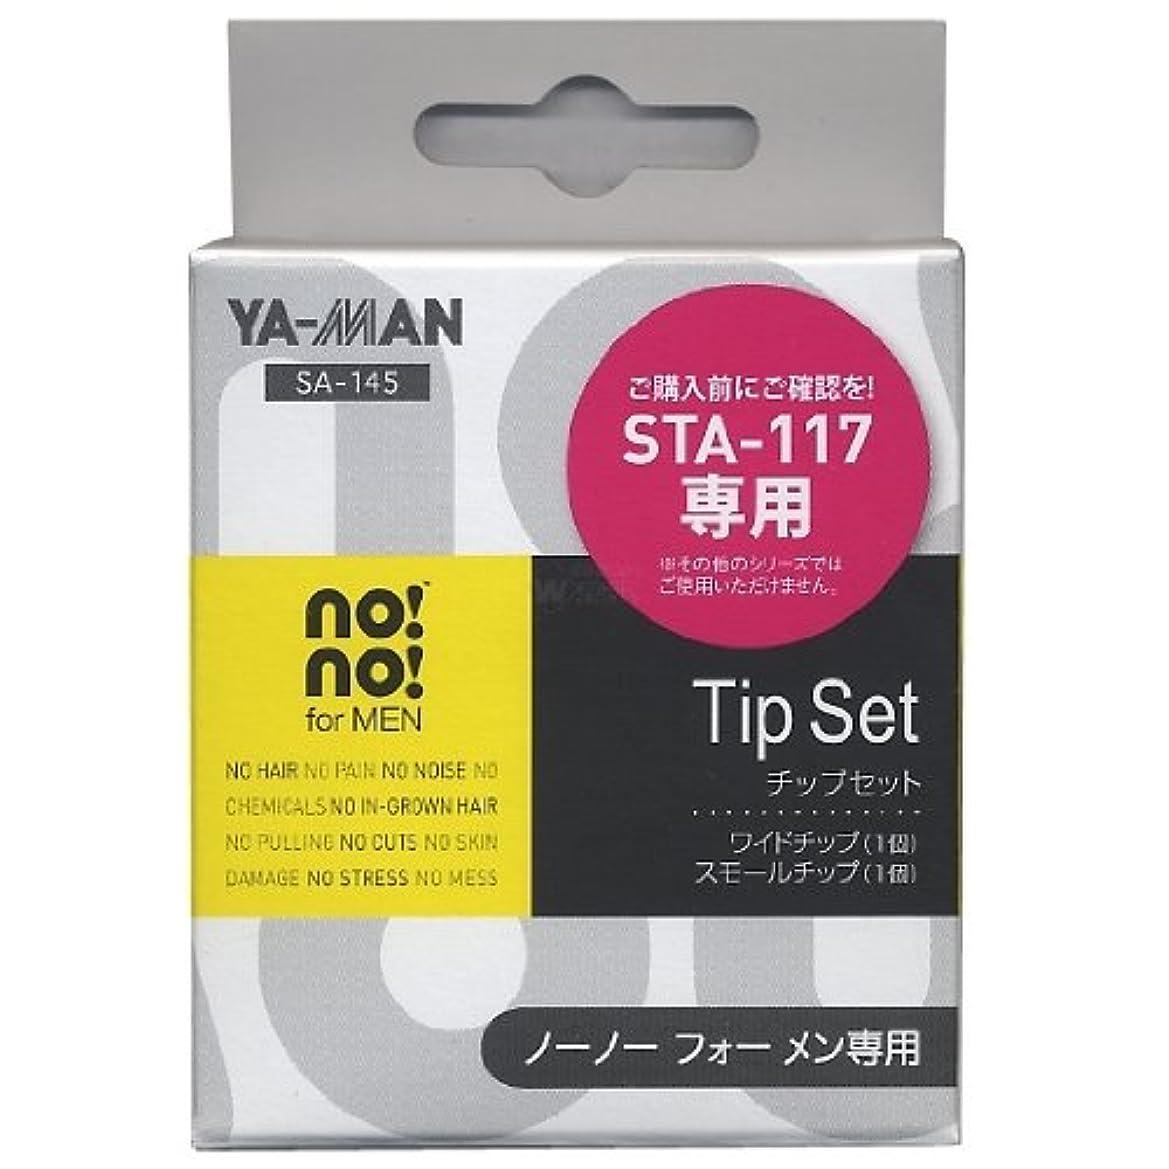 寝室を掃除する示すのりヤーマン ノーノーフォーメン 専用 ブレードチップセット ワイド×1 スモール×1 SA-145